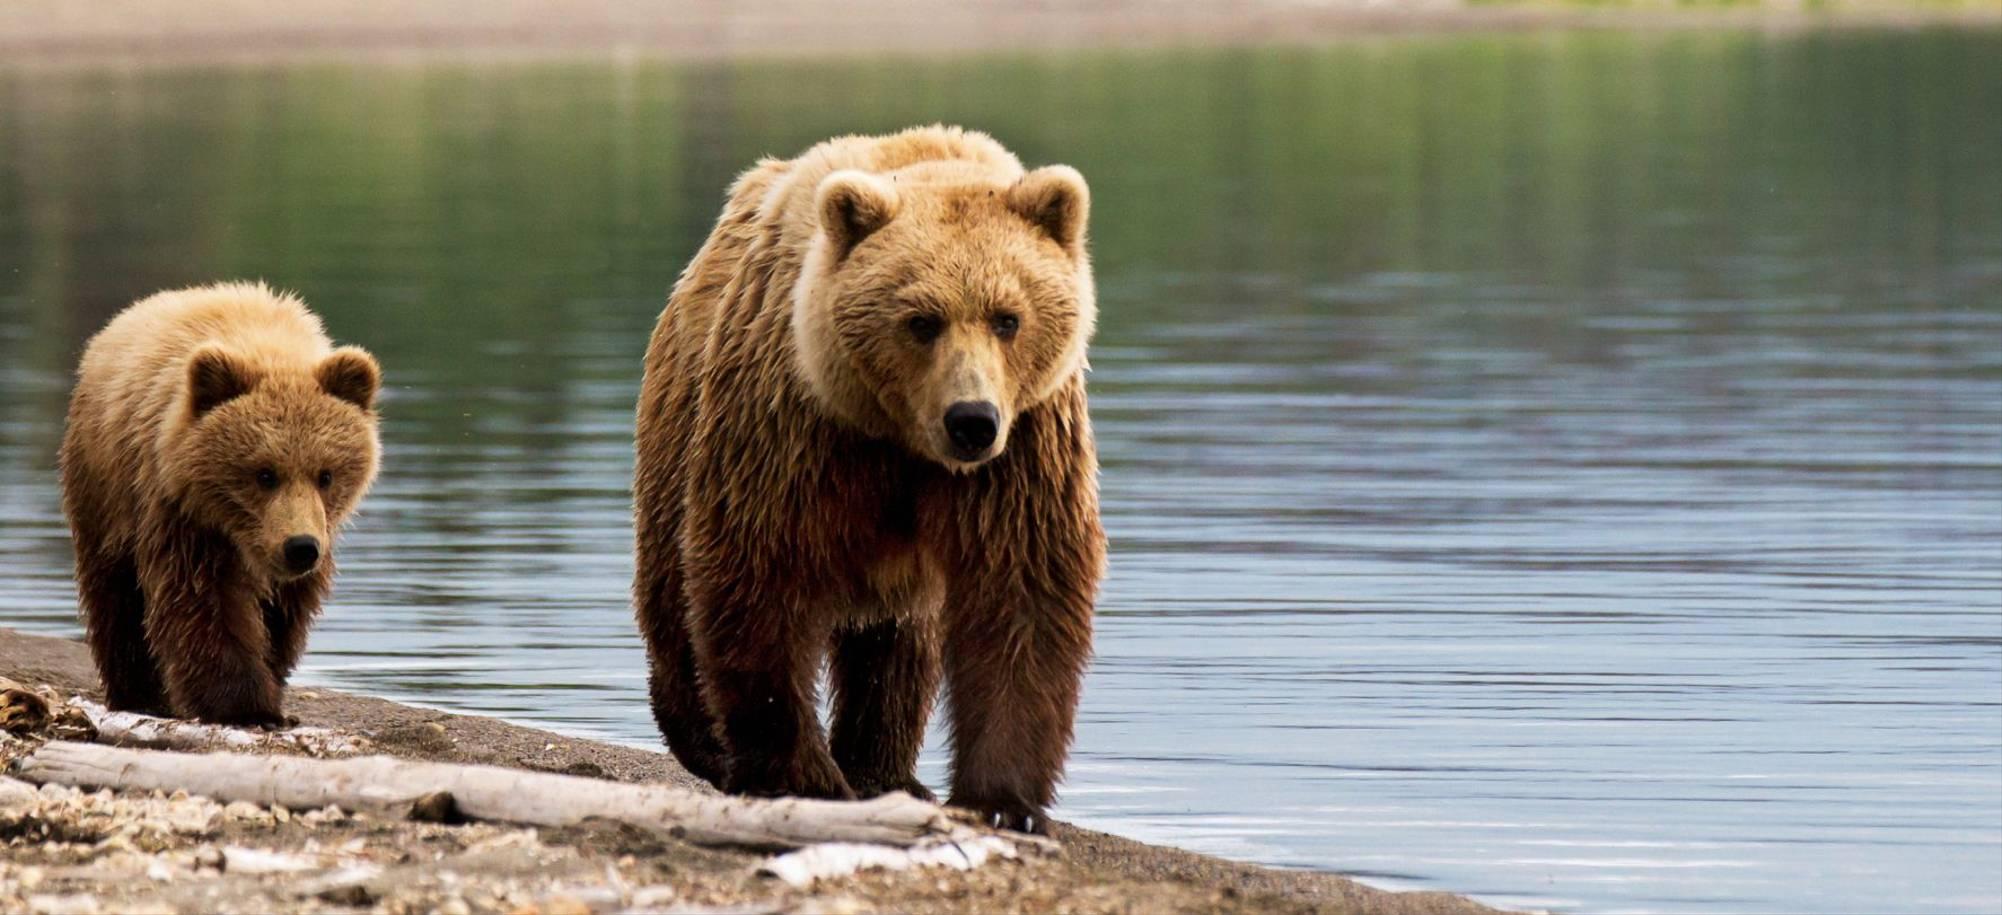 Juneau-Brown Bears in Juneau - Itinerary Desktop.jpg